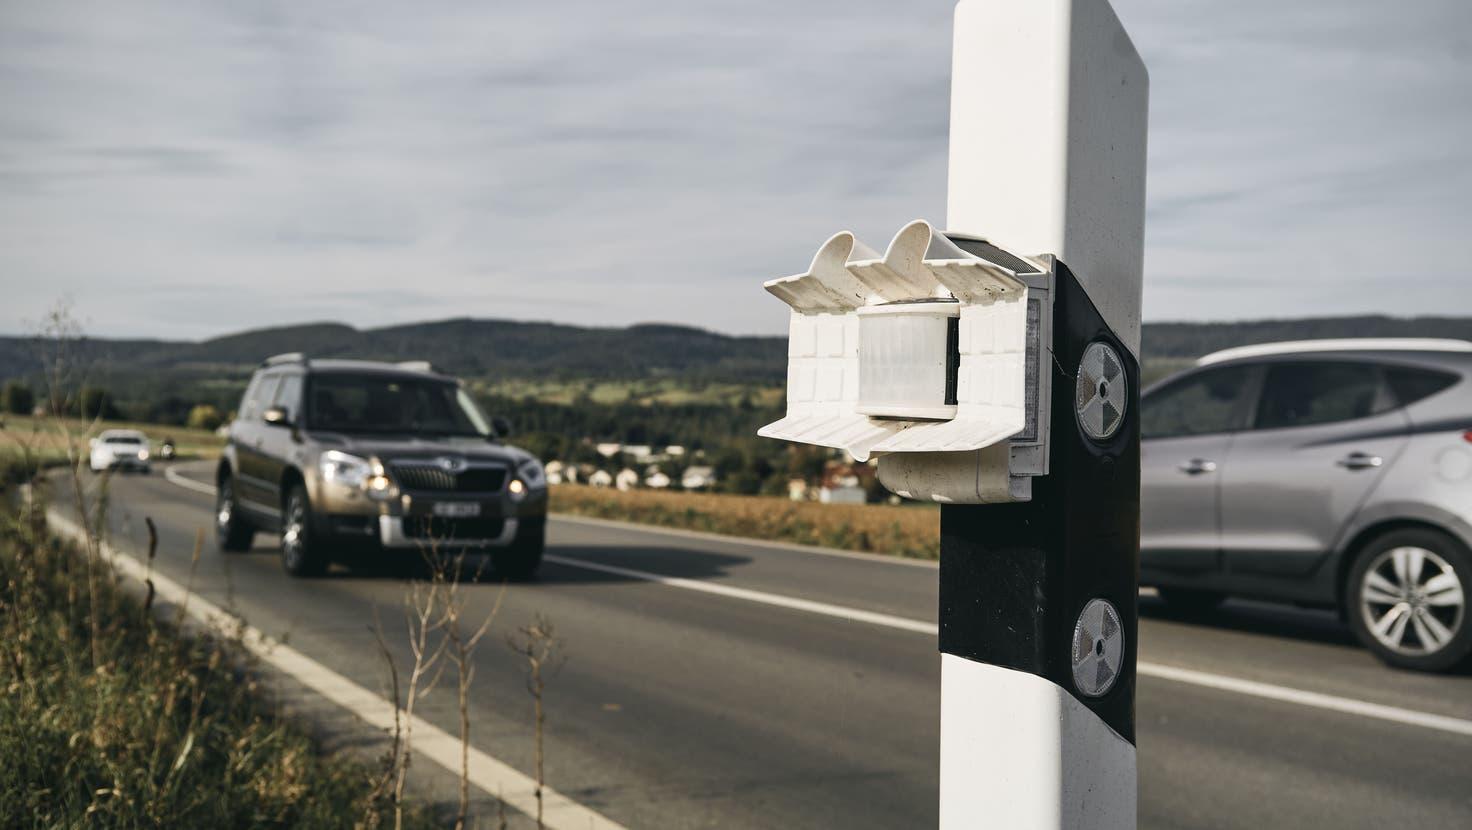 Bei der Wildwarnanlage Animot sind die mobilen Sensoren an den Leitpfosten angebracht. (Roland Schmid)